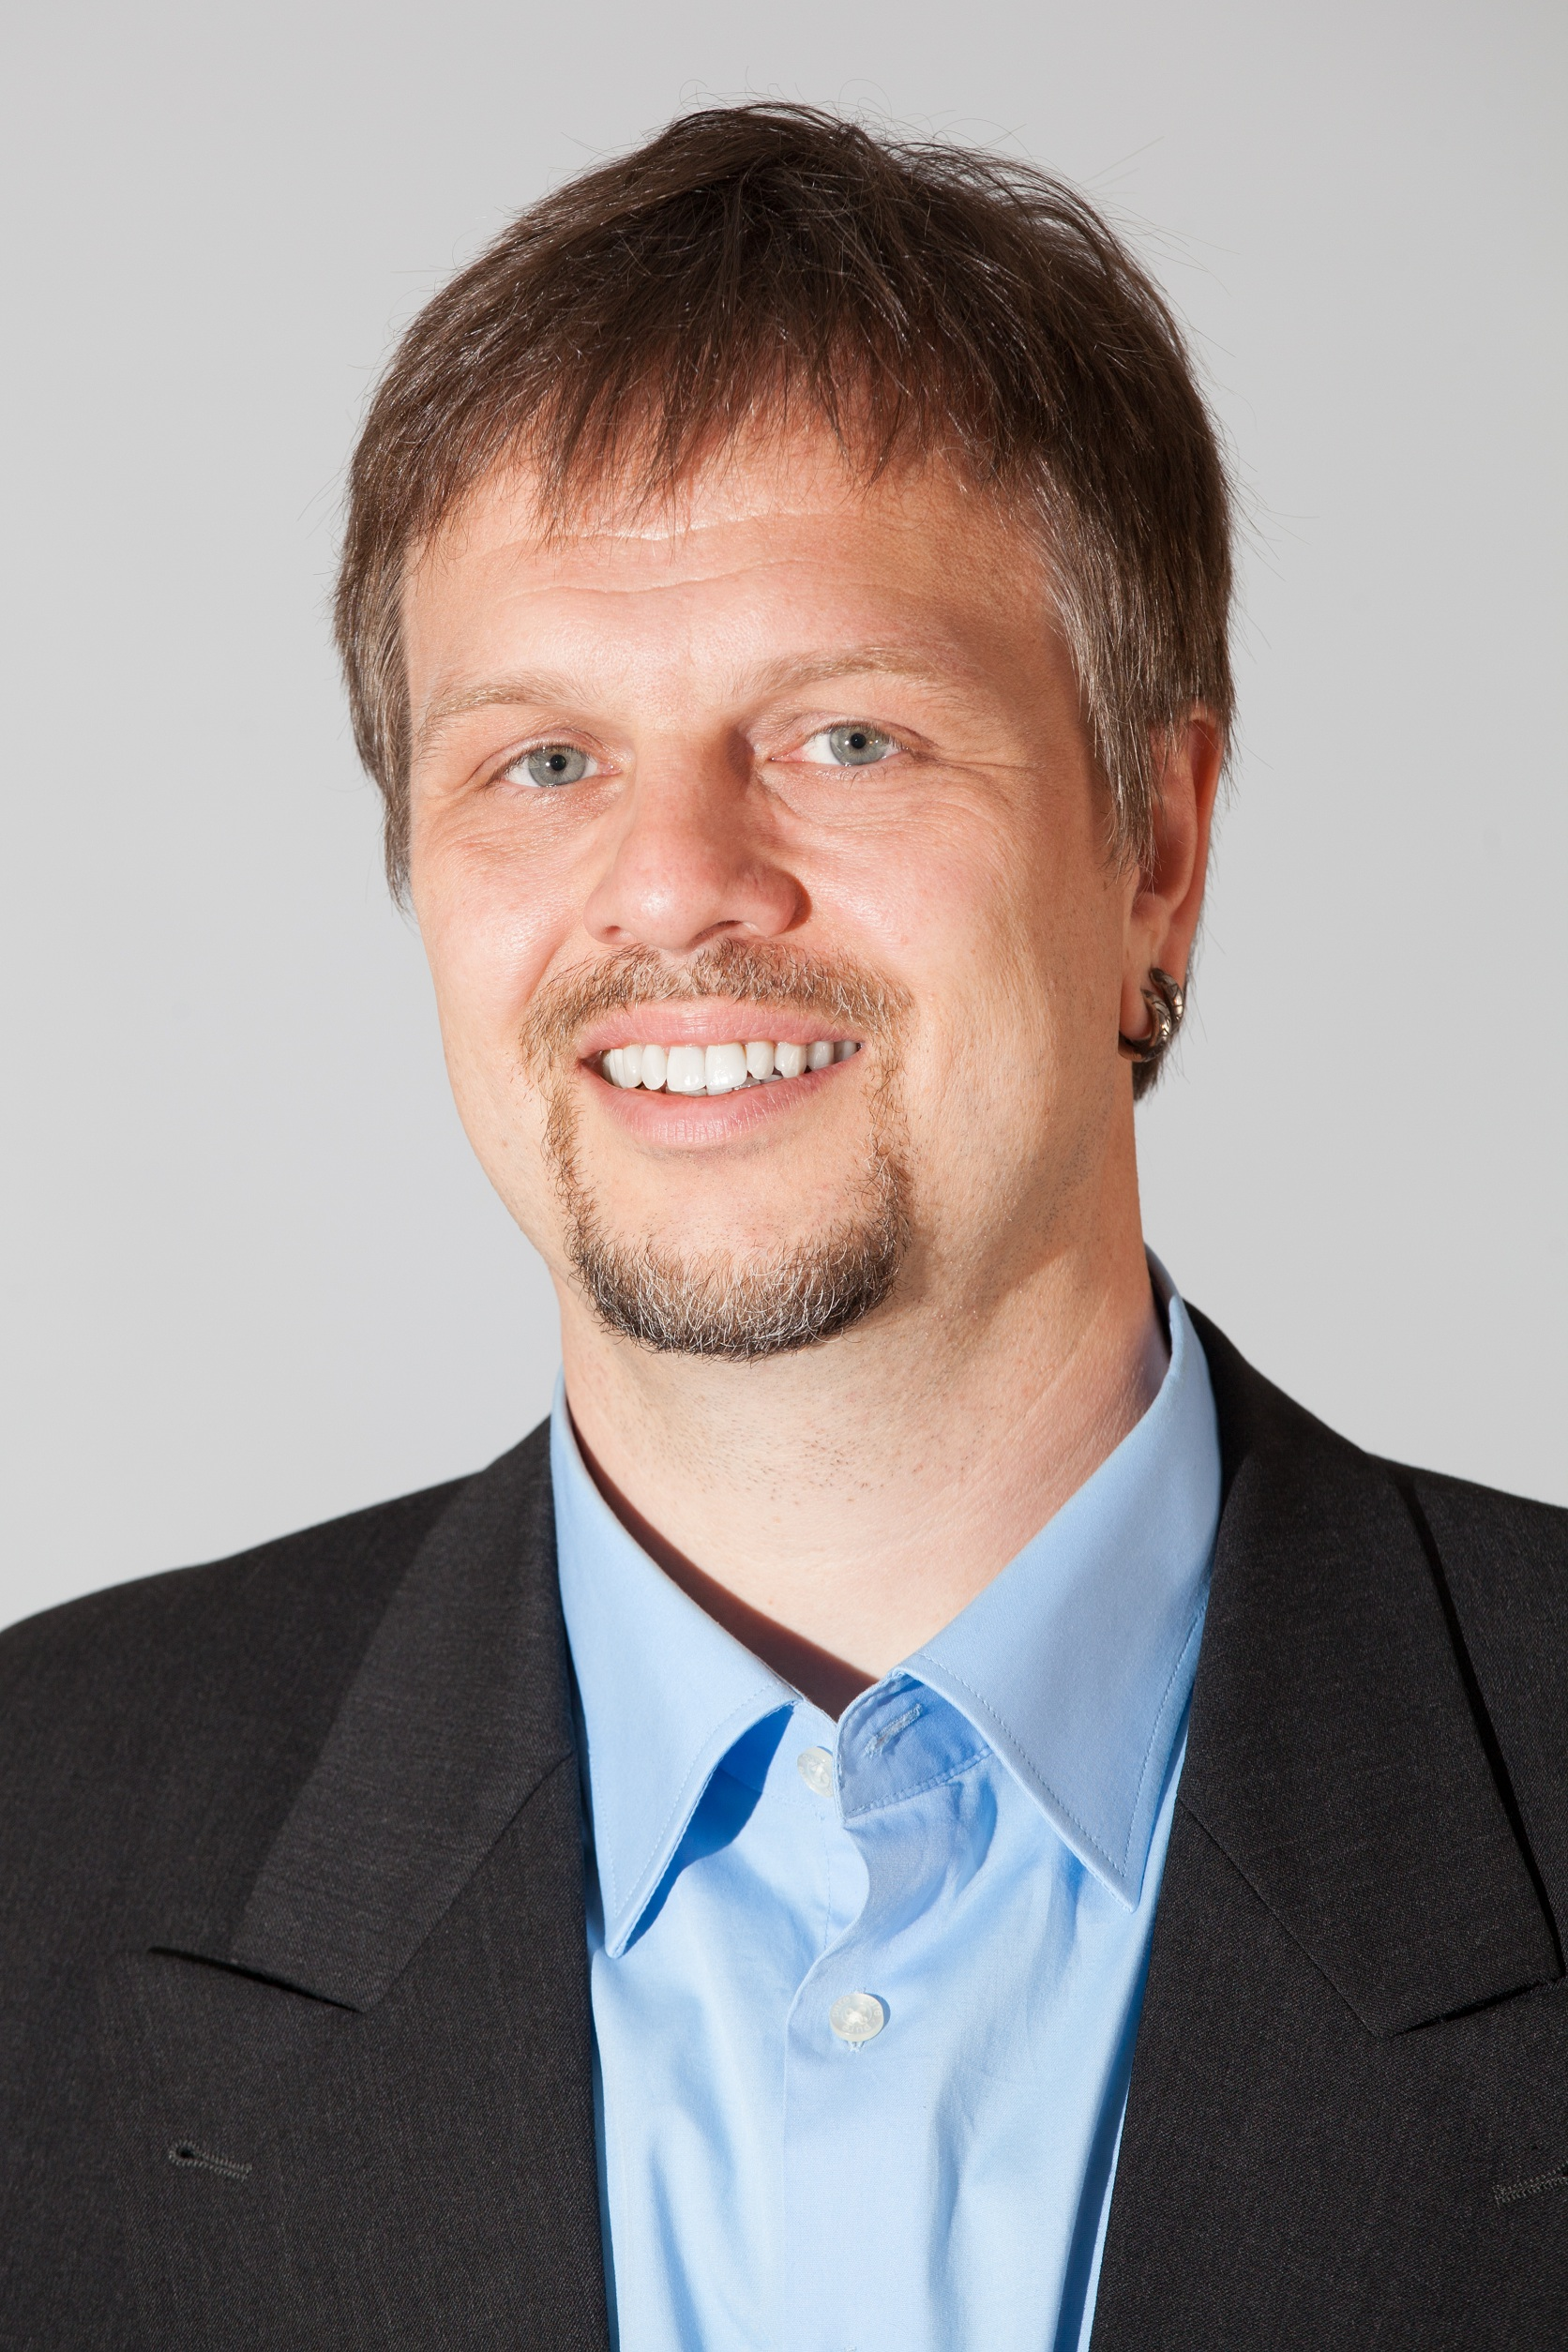 Seine politischen Interessensschwerpunkte sieht Diplom-Übersetzer Christian Alkemper aus Rheinstetten im Bildungsbereich und im Urheberrecht. Besonders am Herzen liegt ihm jedoch die Erneuerung der parlamentarischen Kultur: Er wünscht sich langfristig eine wesentlich stärker sachorientierte Politik ohne Fraktionszwänge. Der 45-jährige kämpft auch um das Direktmandat im Wahlkreis Karlsruhe-Land (272), in dem er stellvertretender Vorsitzender des Kreisverbandes ist. Foto: Tobias M. Eckrich (CC-BY-SA 3.0)